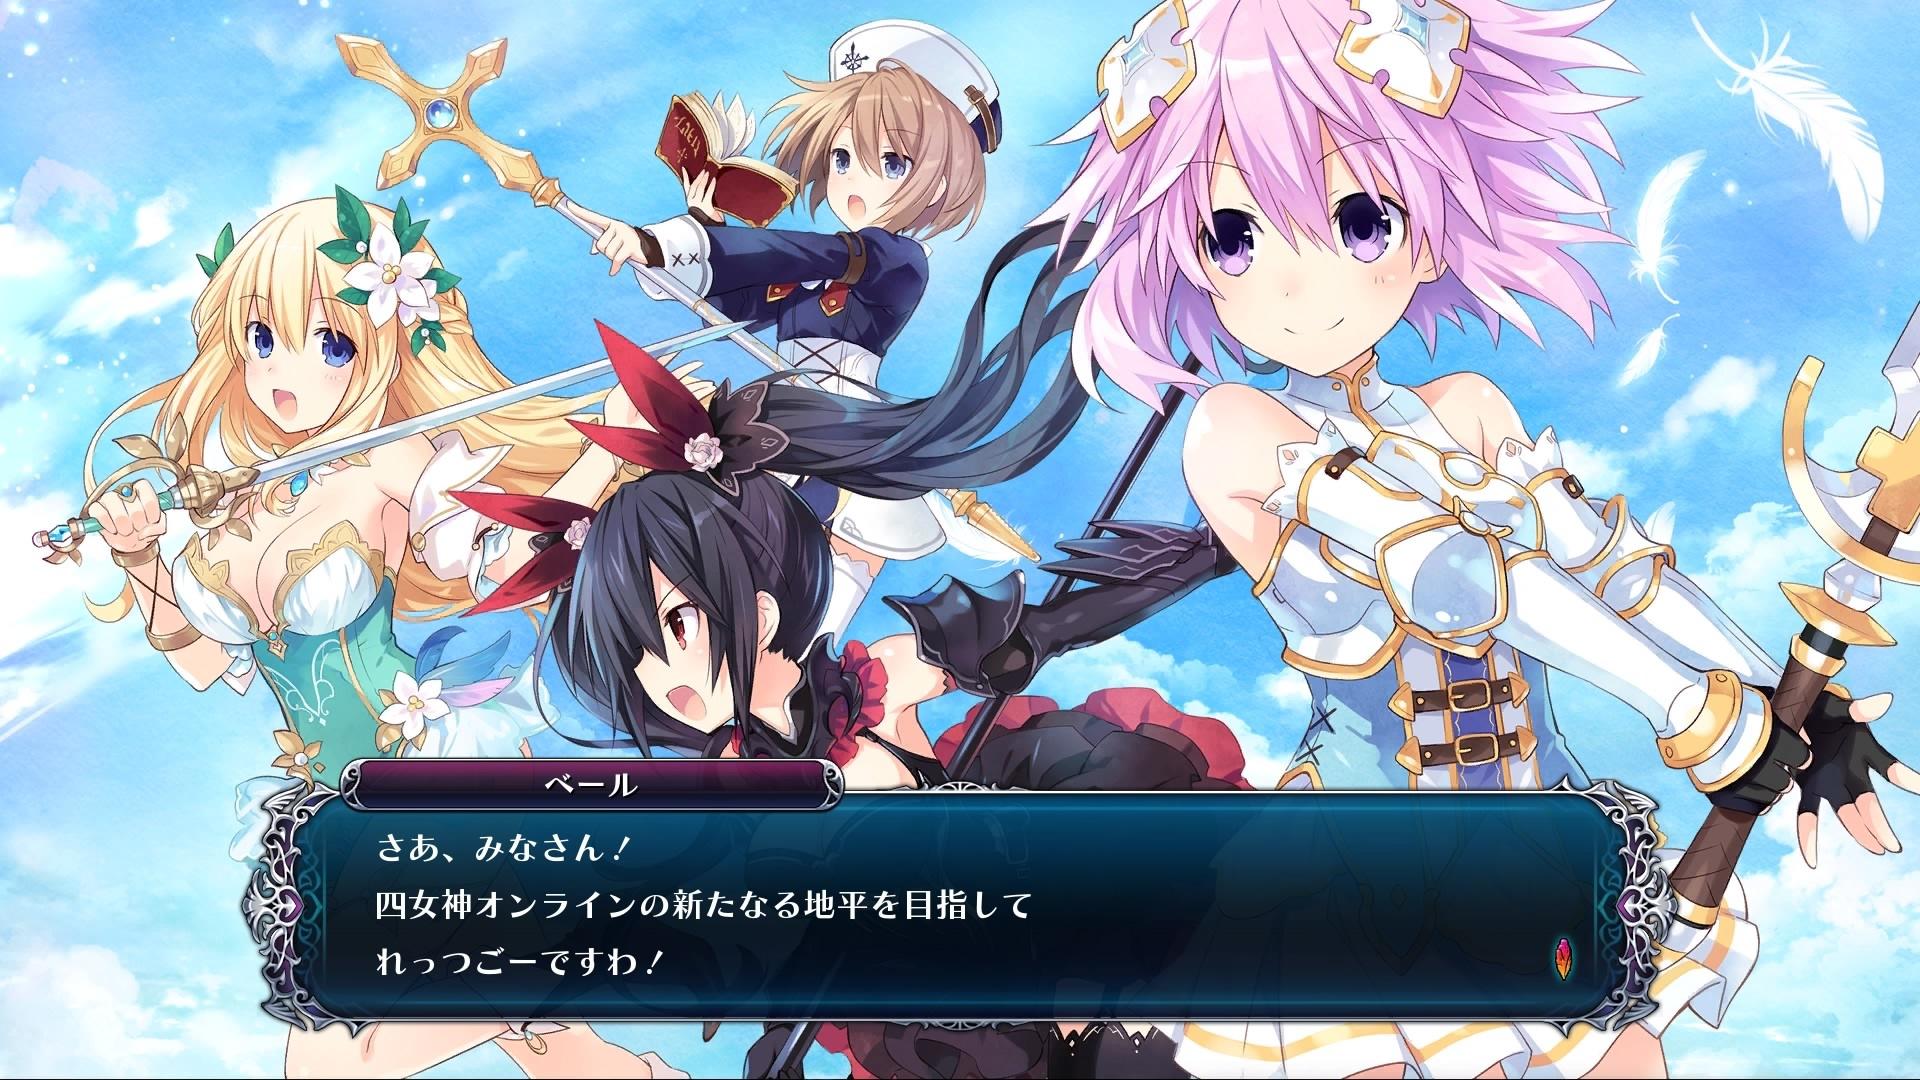 四女神オンライン プレイ日記1 序盤の感想 - 神喰処